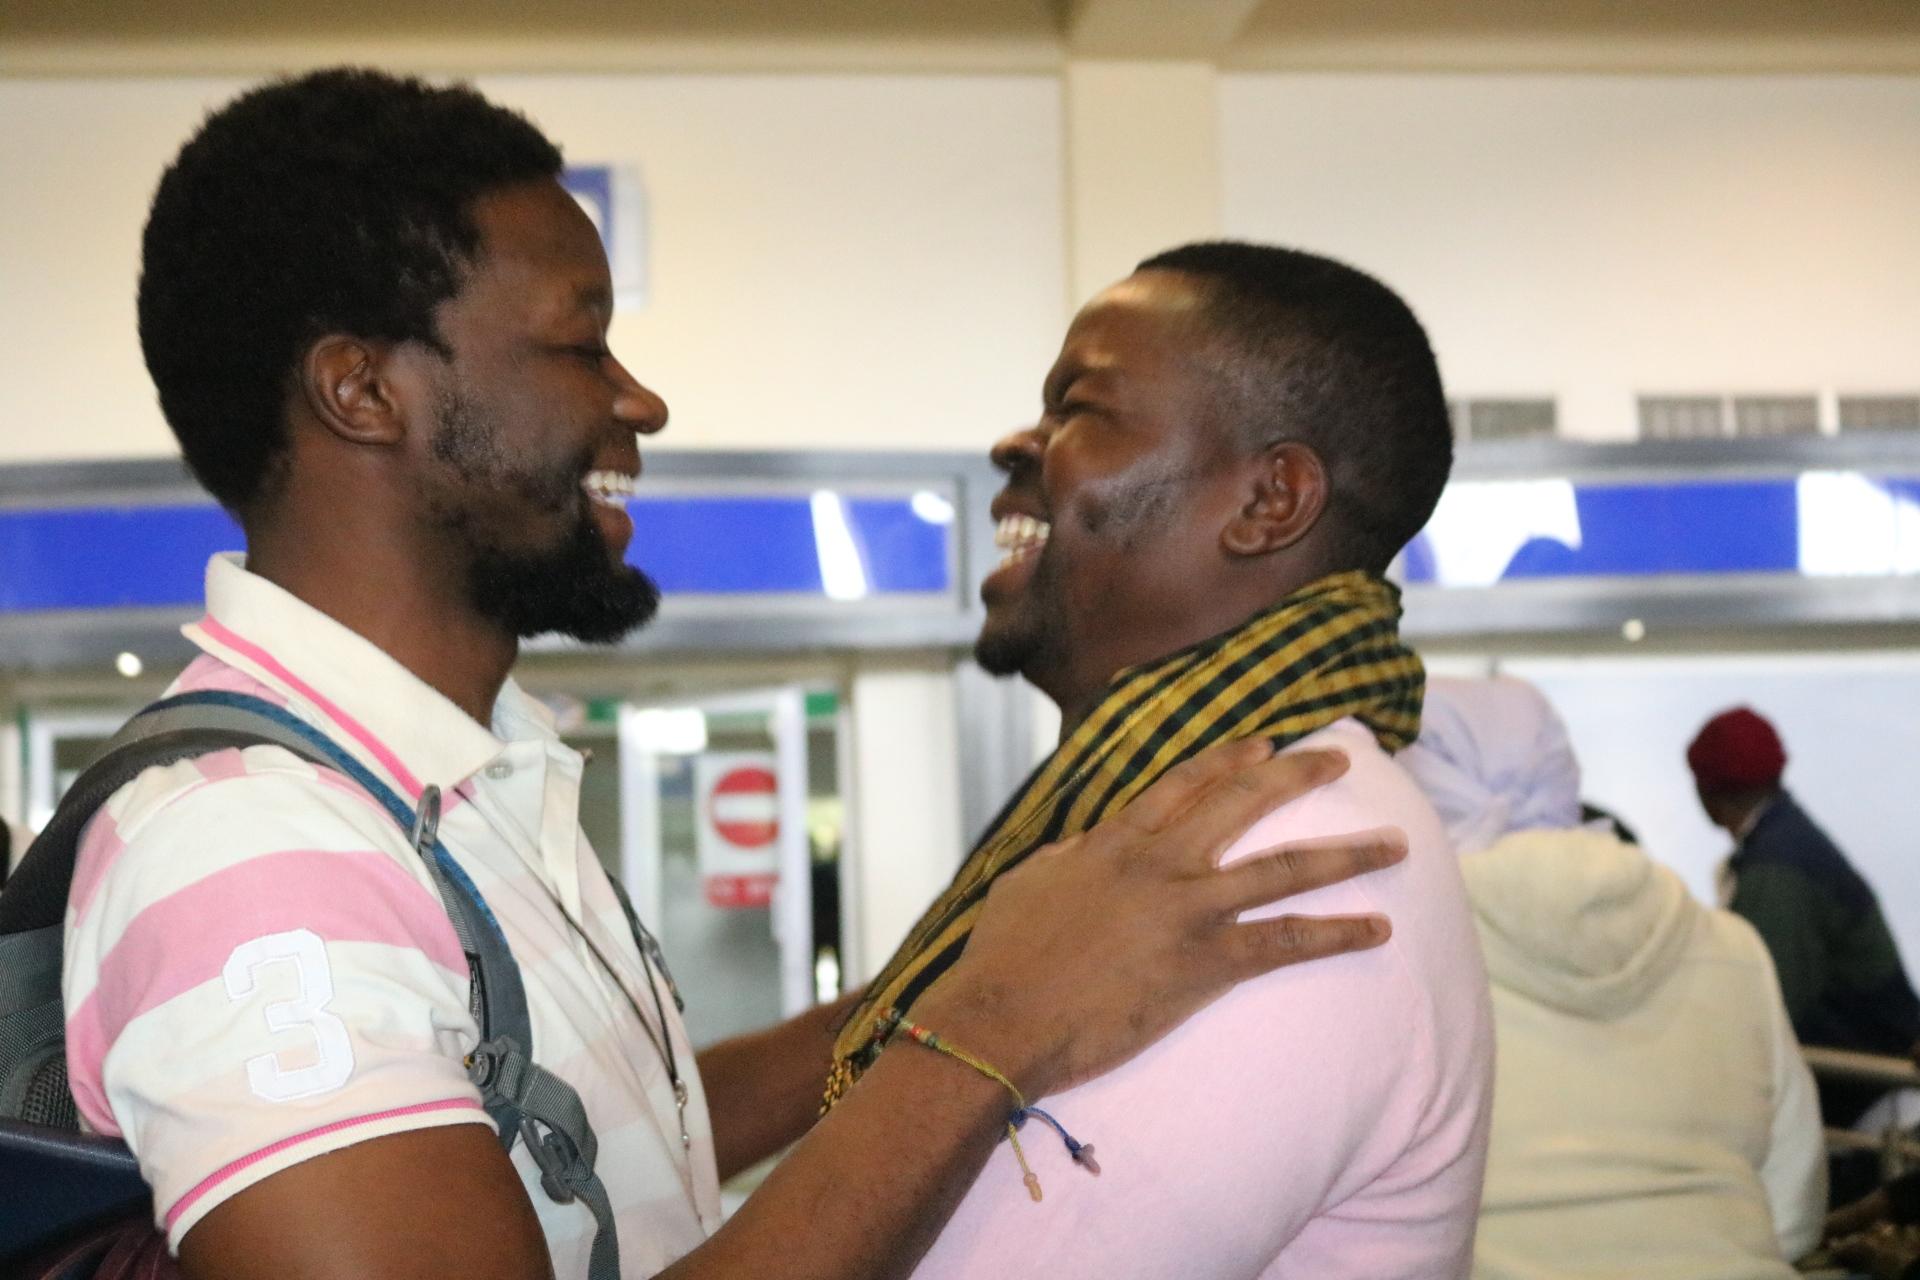 Tawanda Chandiwana es saludado por Russell Rusike, compañero de Misión Global, en el aeropuerto de Harare, Zimbabue. Chandiwana llegó el pasado 5 de julio procedente de las Filipinas, donde estuvo detenido desde el 9 de mayo.